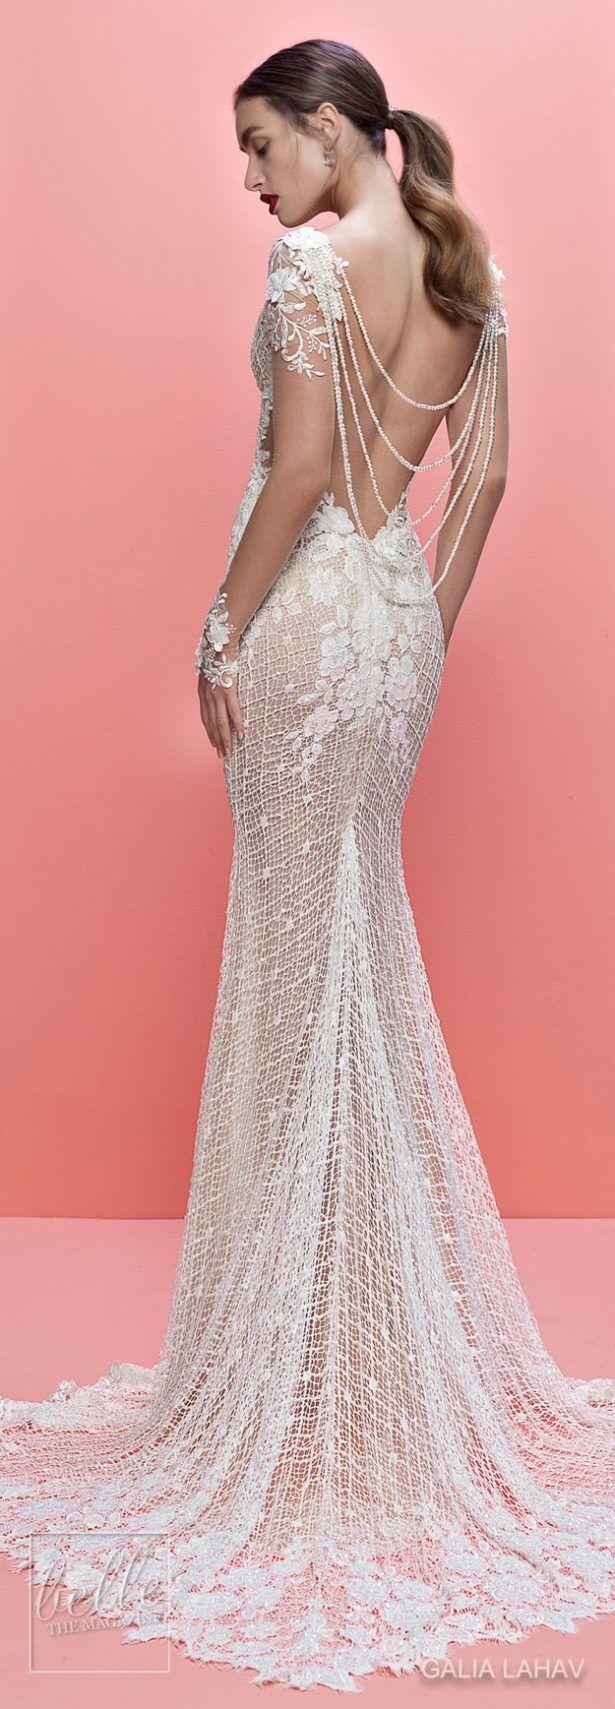 2629 best Wedding Dress Ideas images on Pinterest | Ball gown ...